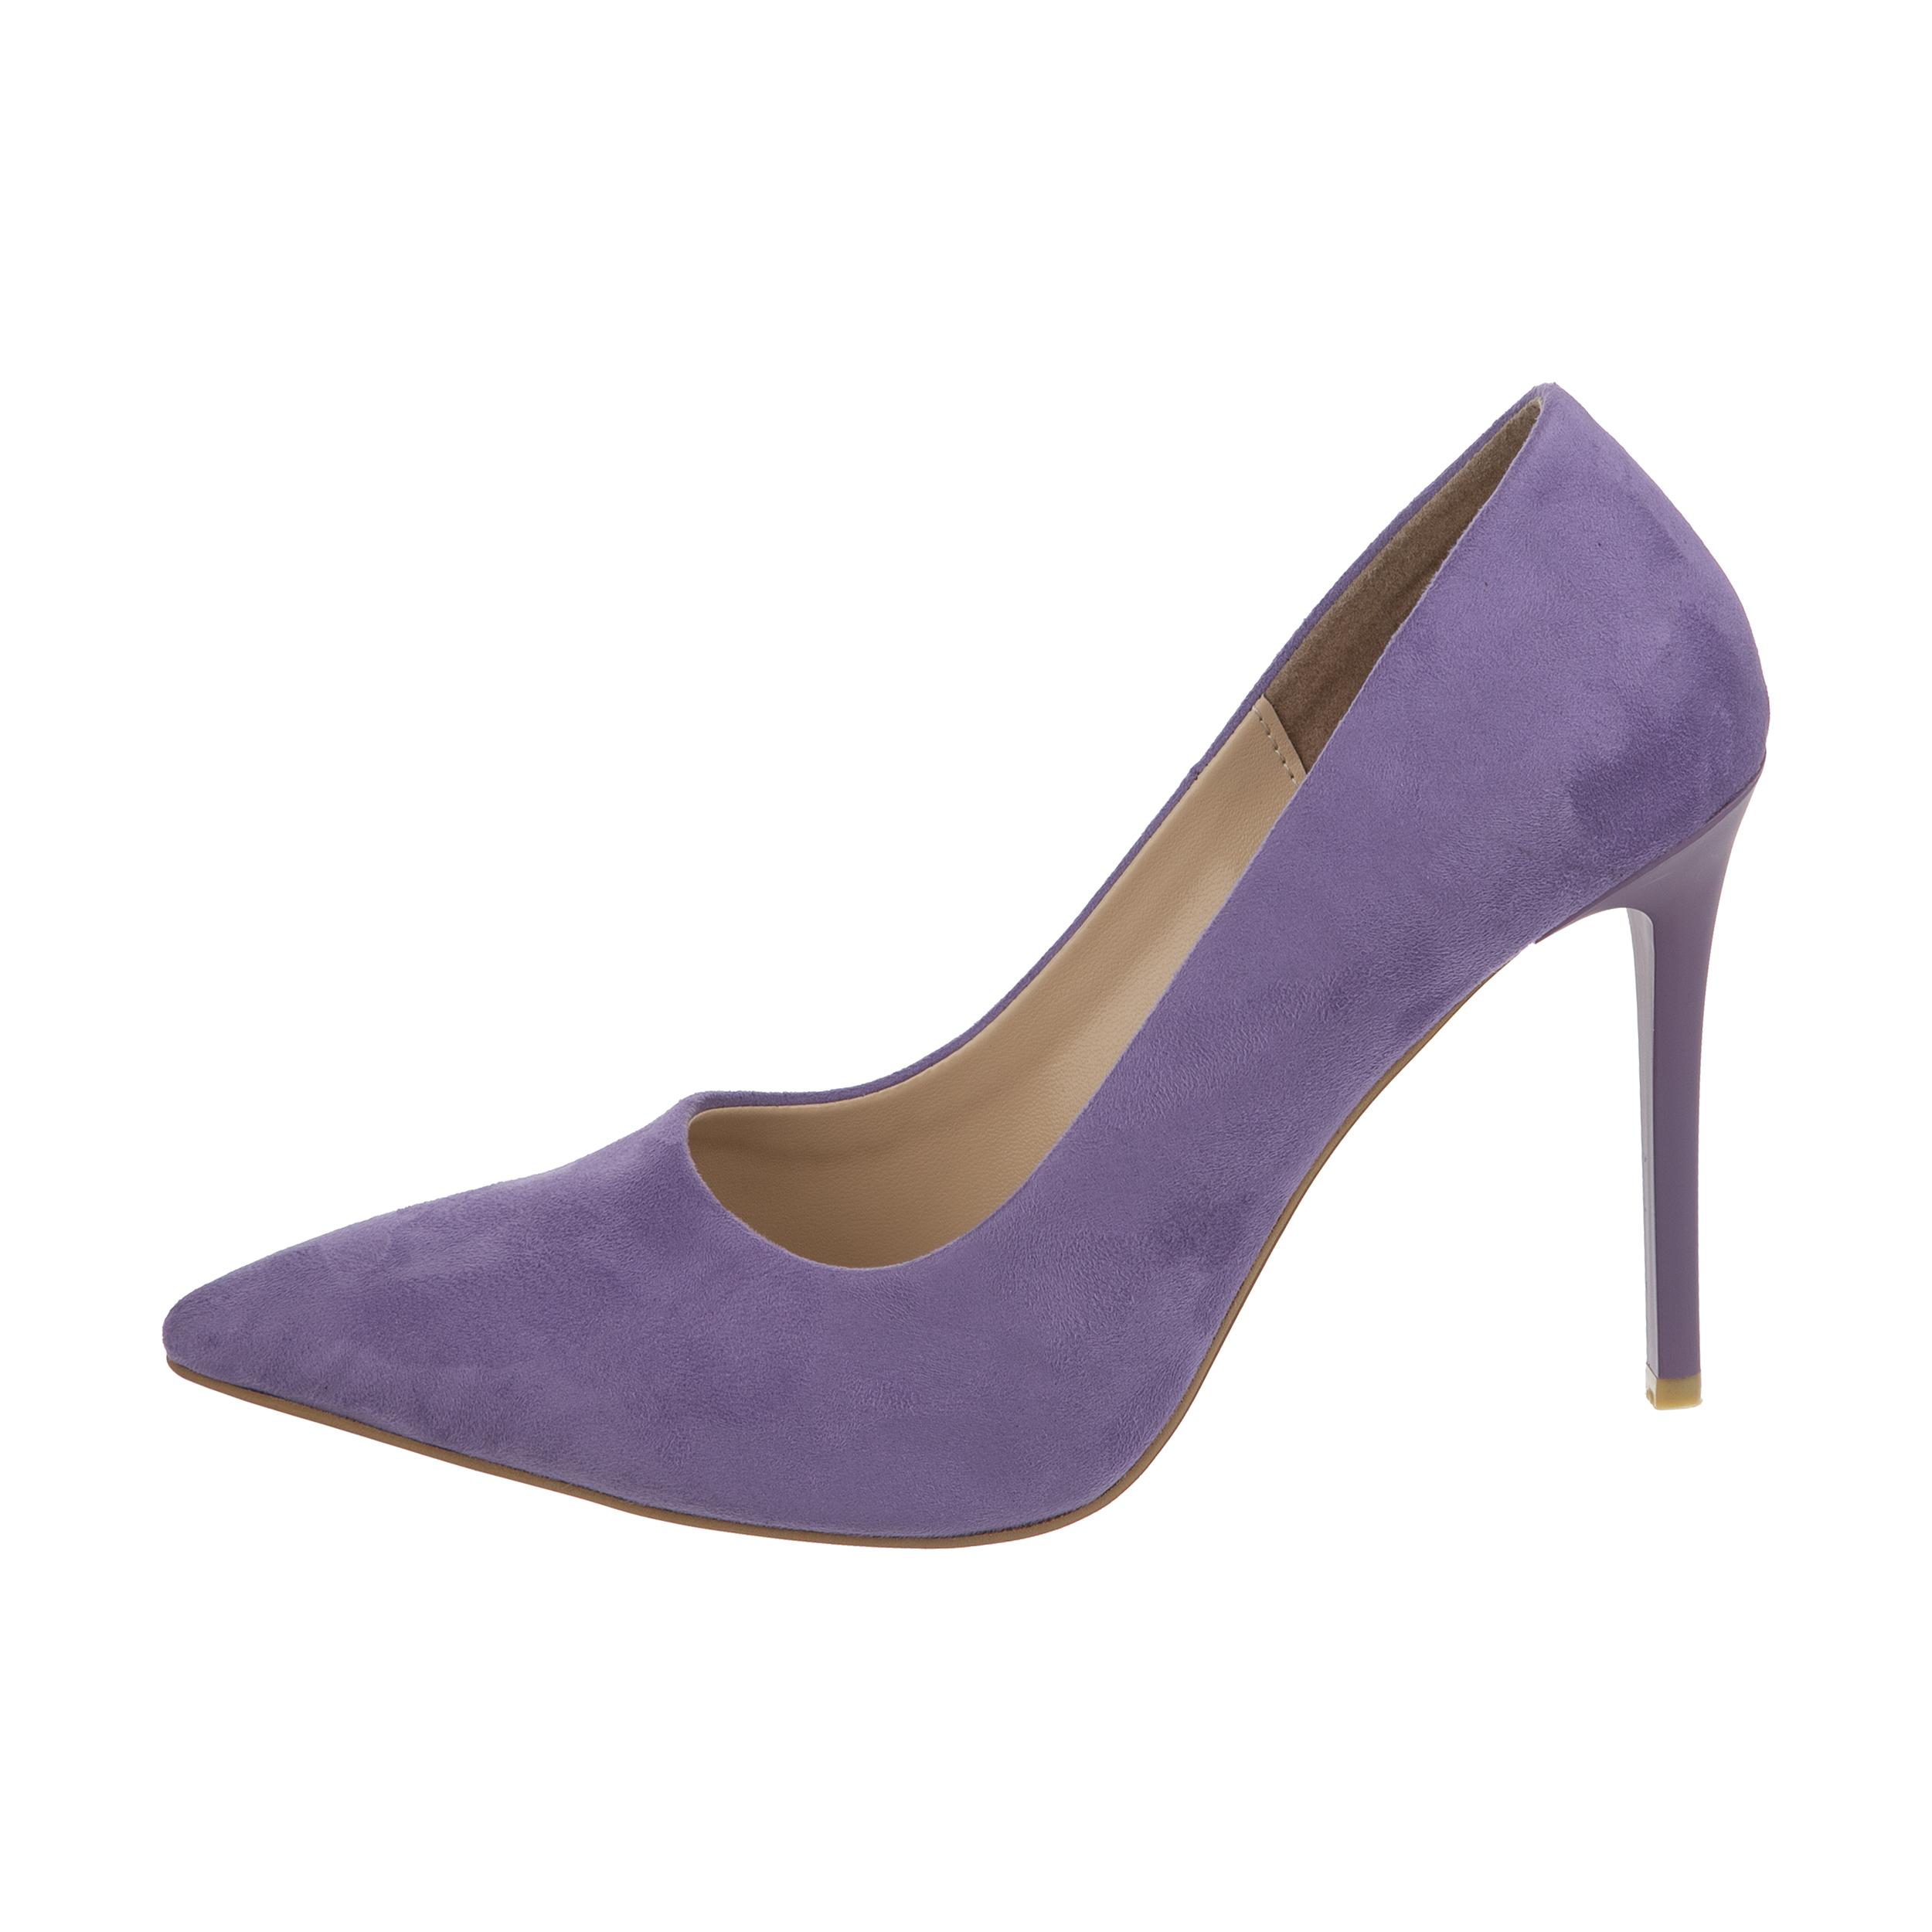 کفش زنانه مدل لودشکا کد rs-352